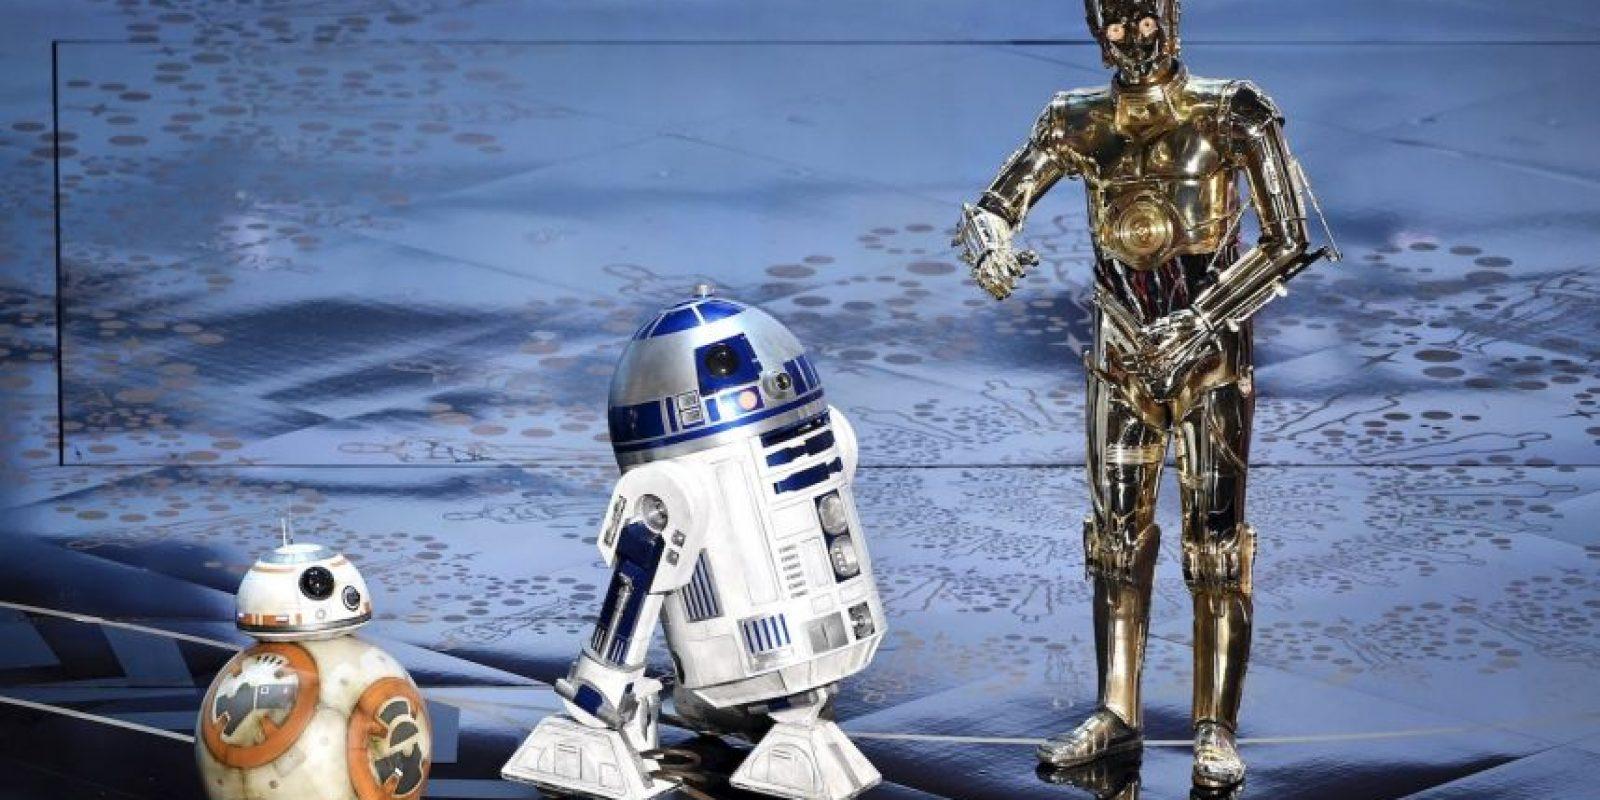 """38 años después los robots de Star Wars dicen presente: Sí, 38 años han pasado desde que en 1977, precisamente luego del estreno de Star Wars: A New Hope, cuando Mark Hamill, el intérprete de Luke Skywalker, llegó a la 50ª edición de los premios Oscars para presentar la categoría a """"Mejor edición de efectos de sonido"""". Foto:Fuente Externa"""